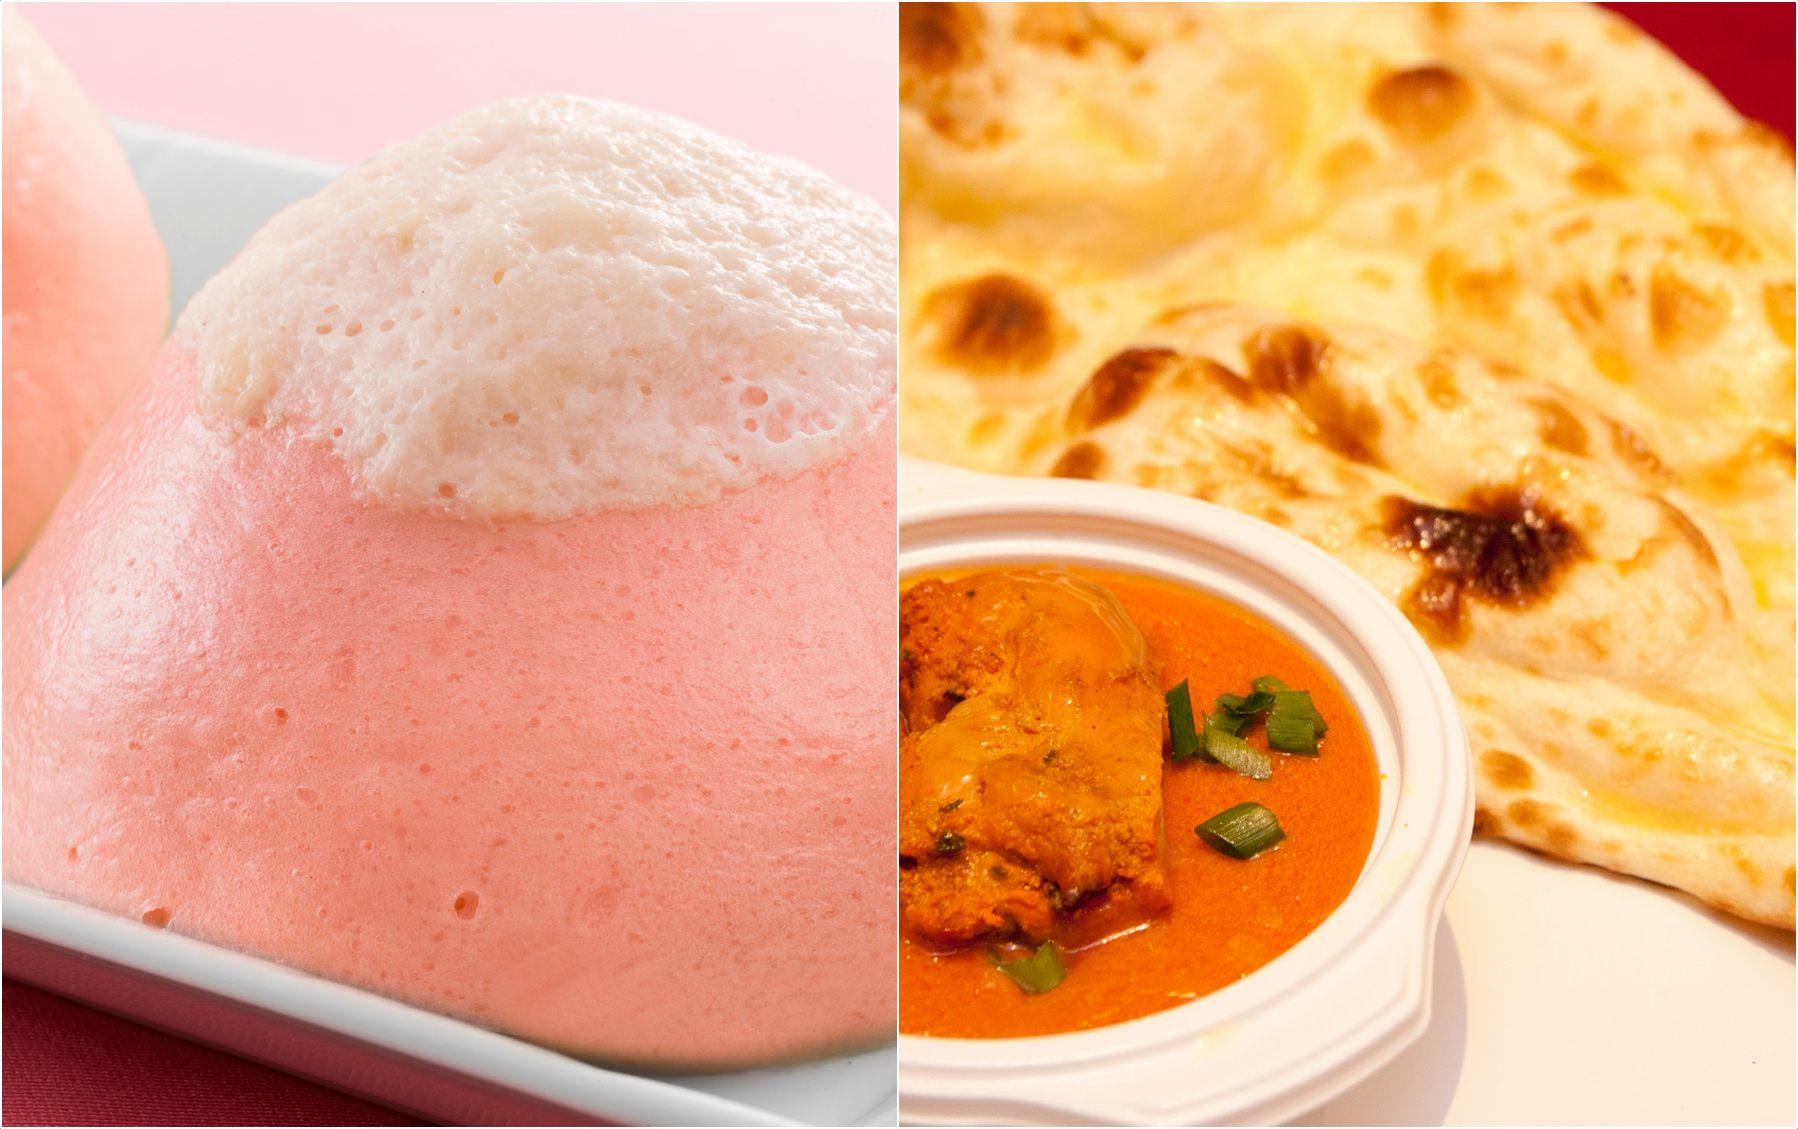 富士芝樱甜饼、奶油鸡肉咖喱&印度饼套餐